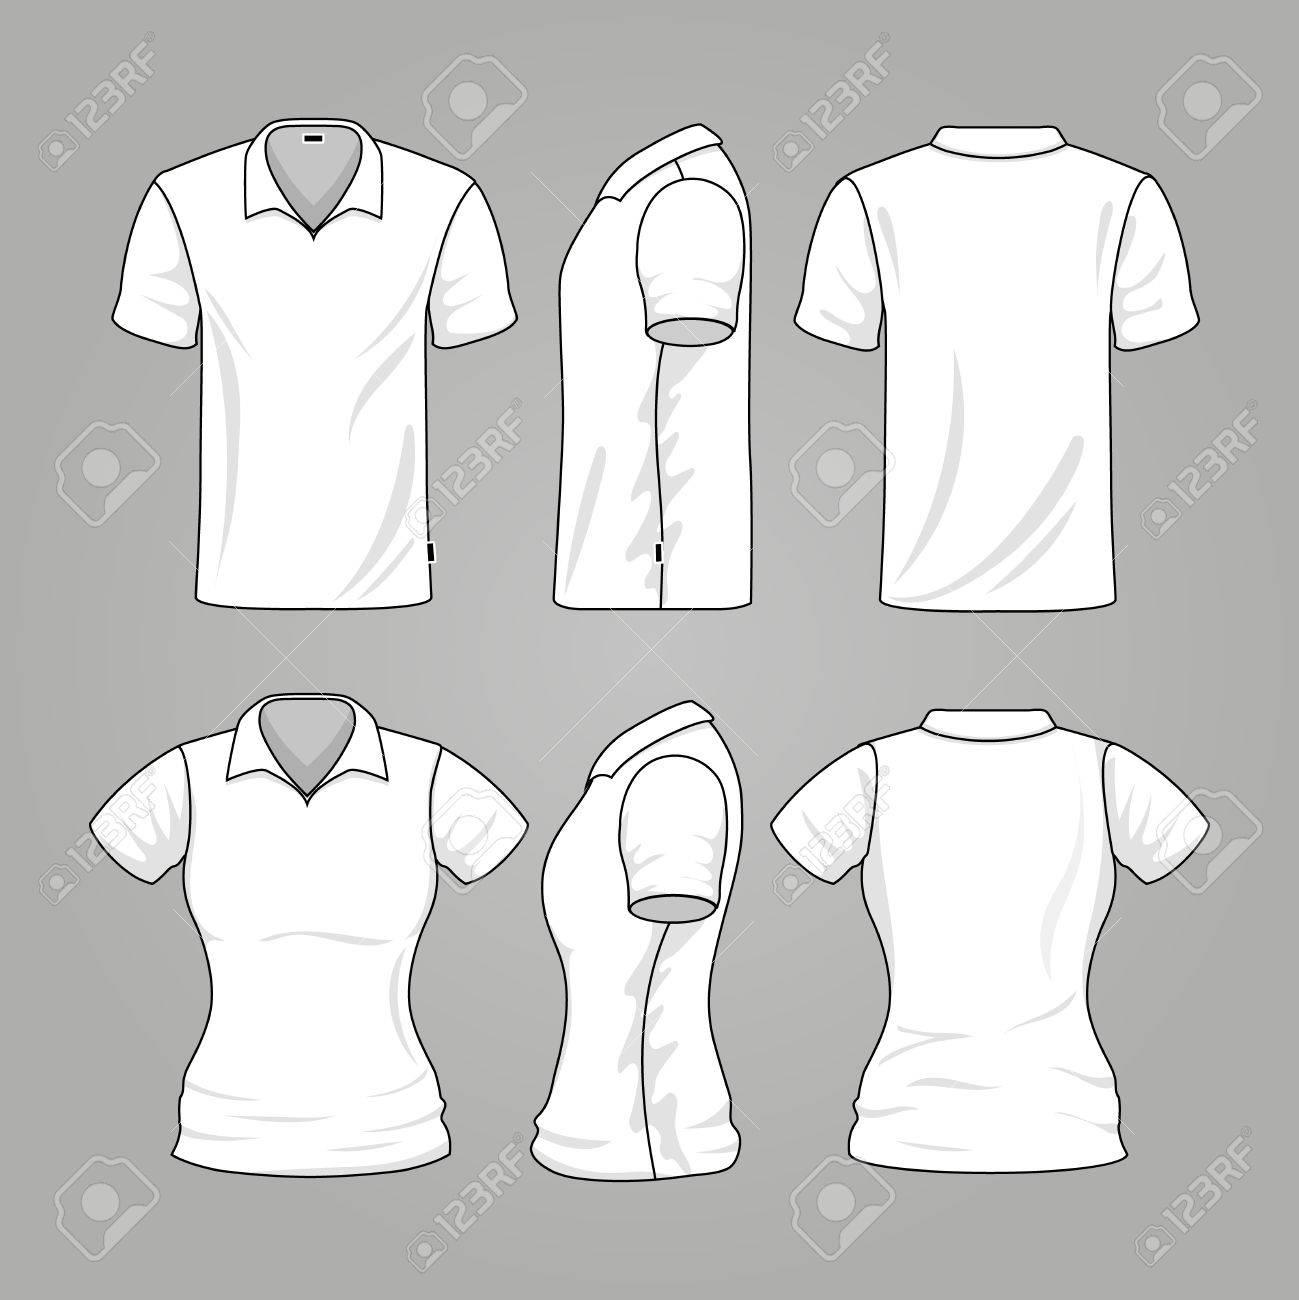 Erfreut Shirt Vektor Vorlage Galerie - Beispiel Wiederaufnahme ...